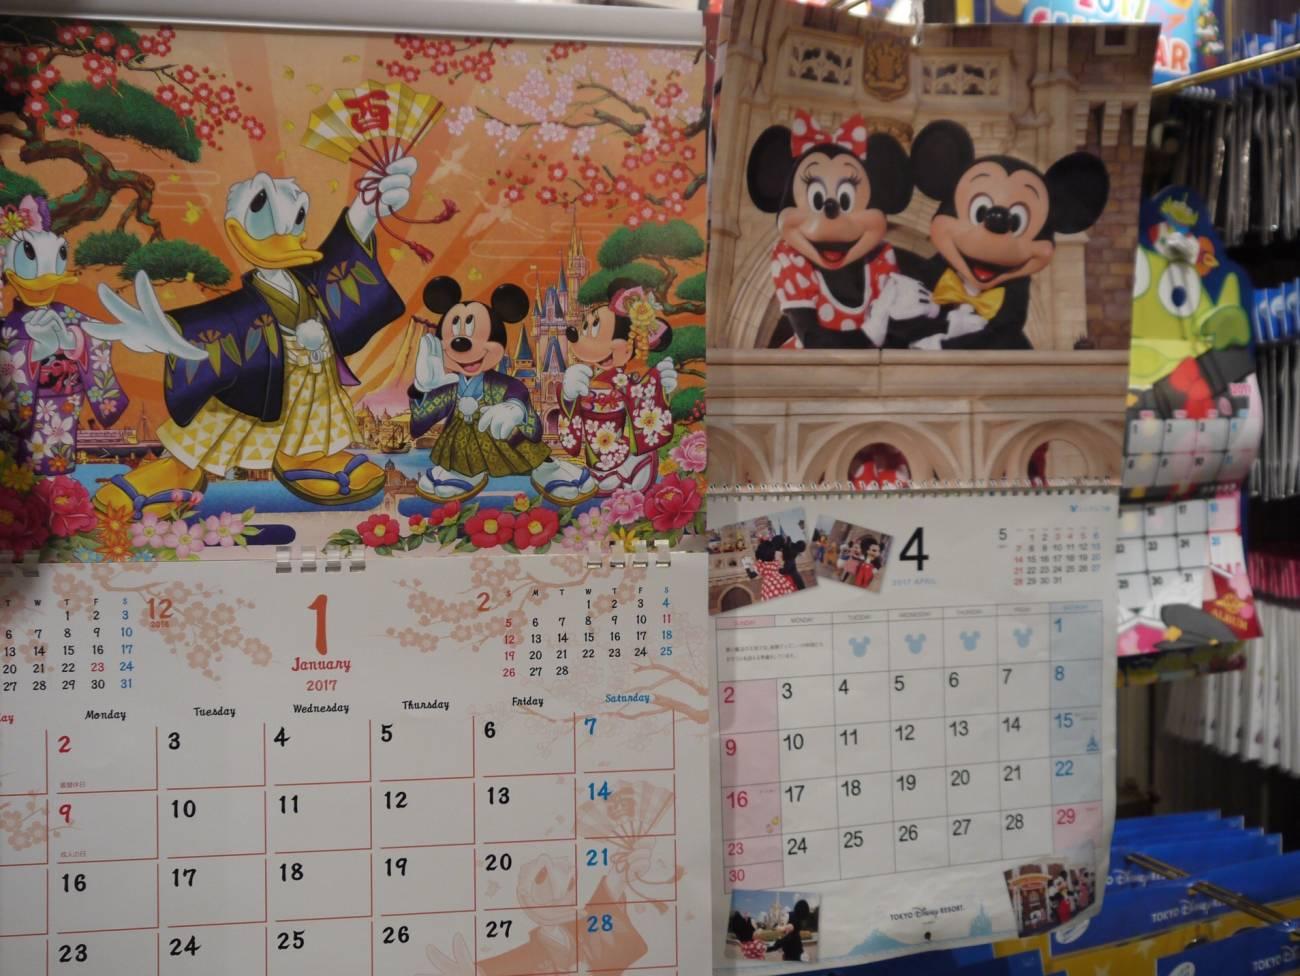 カレンダー 2016 ディズニー | 7331 イラス